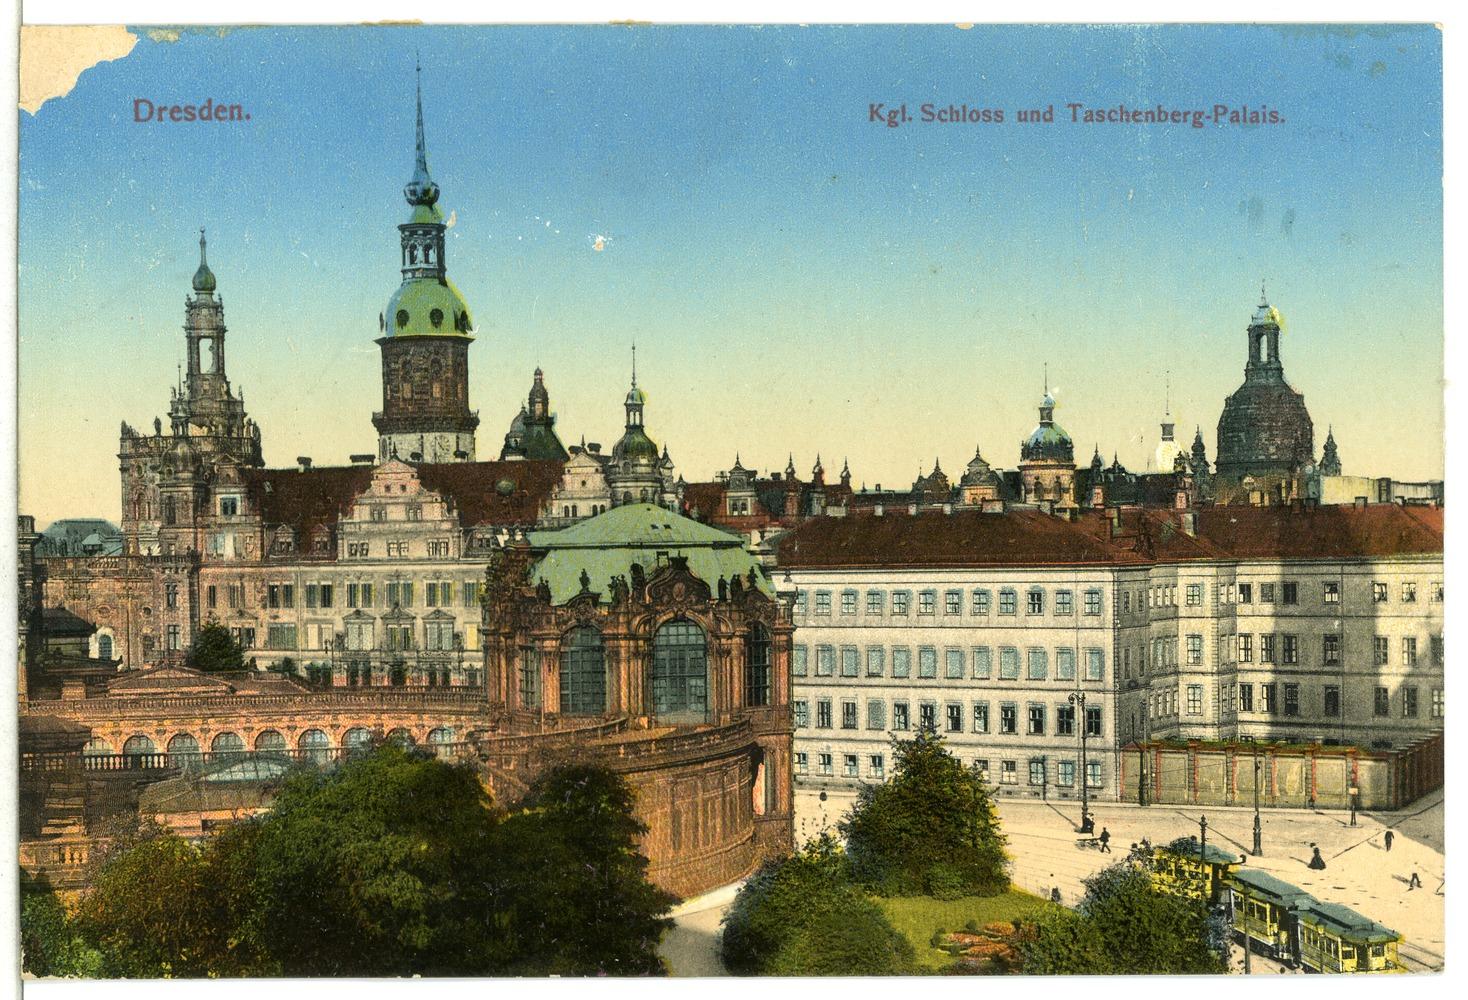 Datei:12680-Dresden-1911-Königliches Schloß und Taschenberg - Palais ...